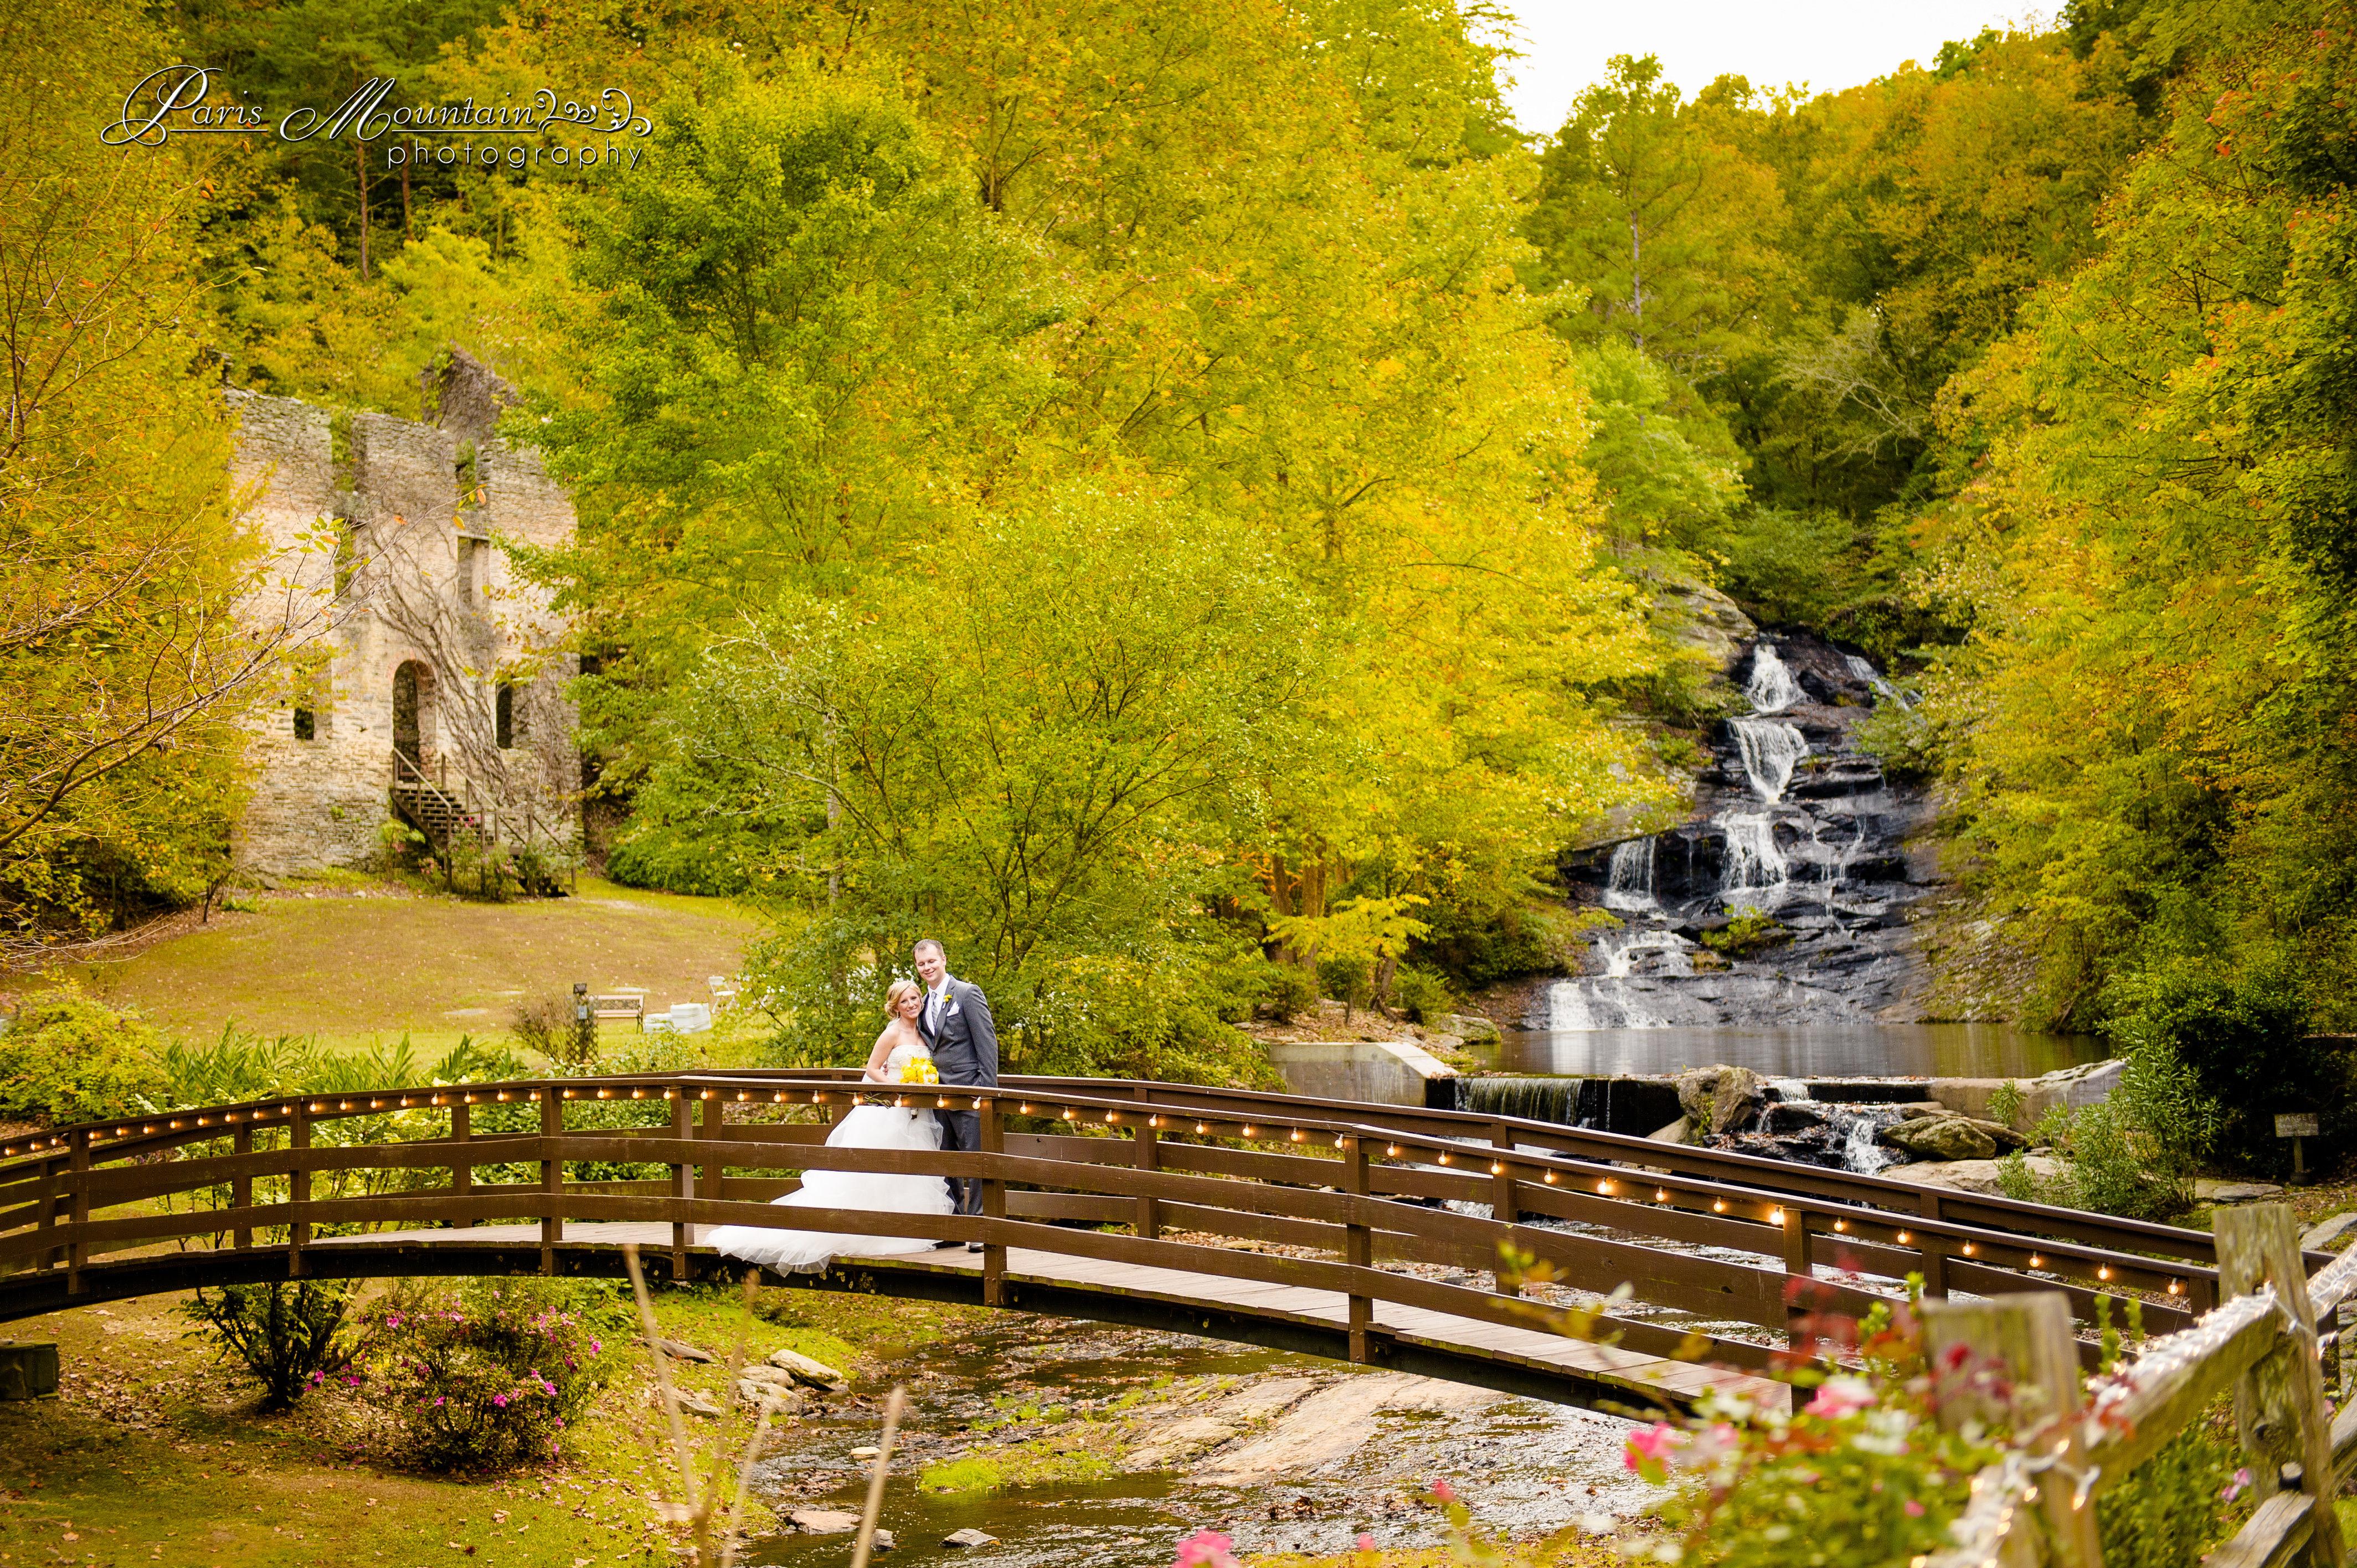 Hightower Falls image 0